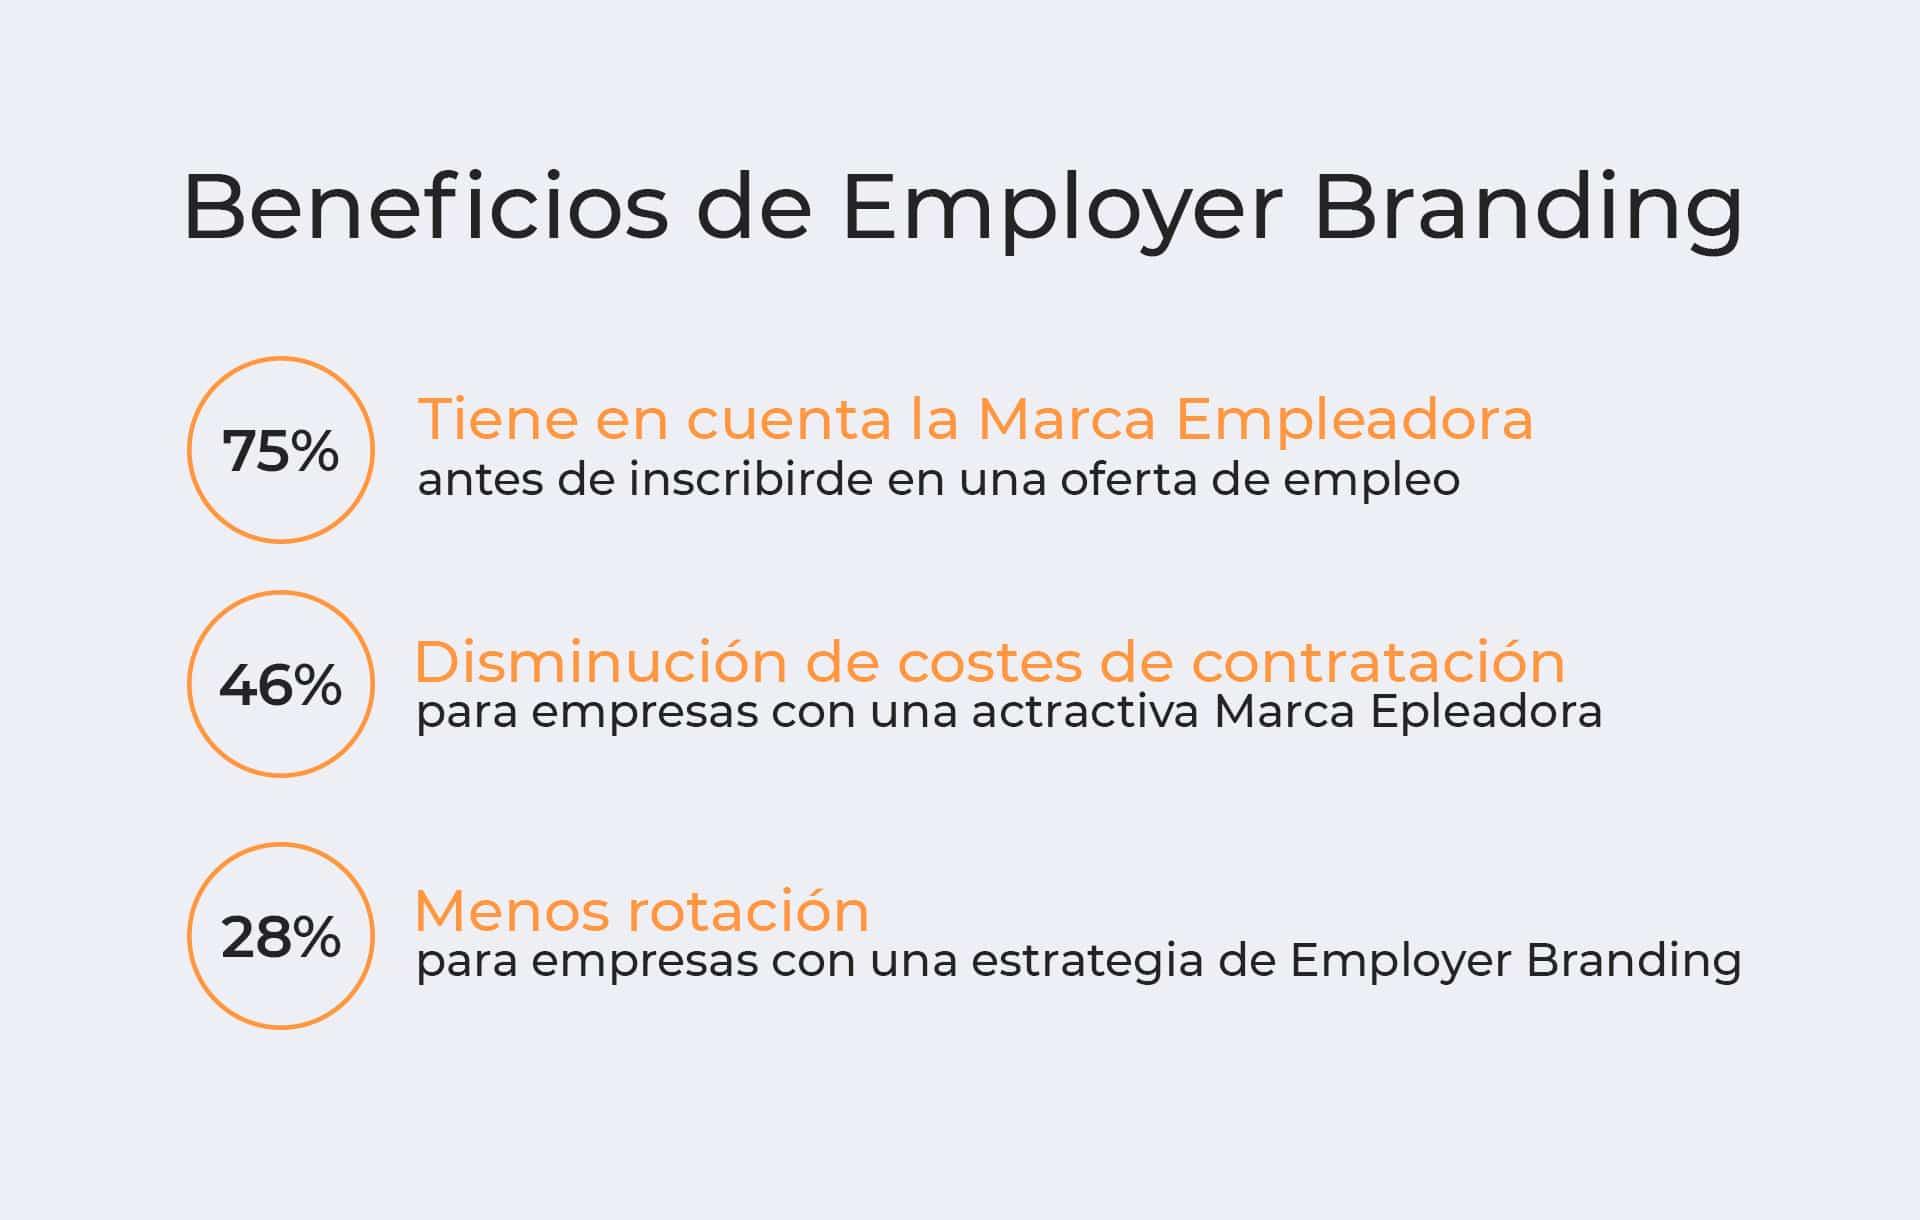 Beneficios de employer branding